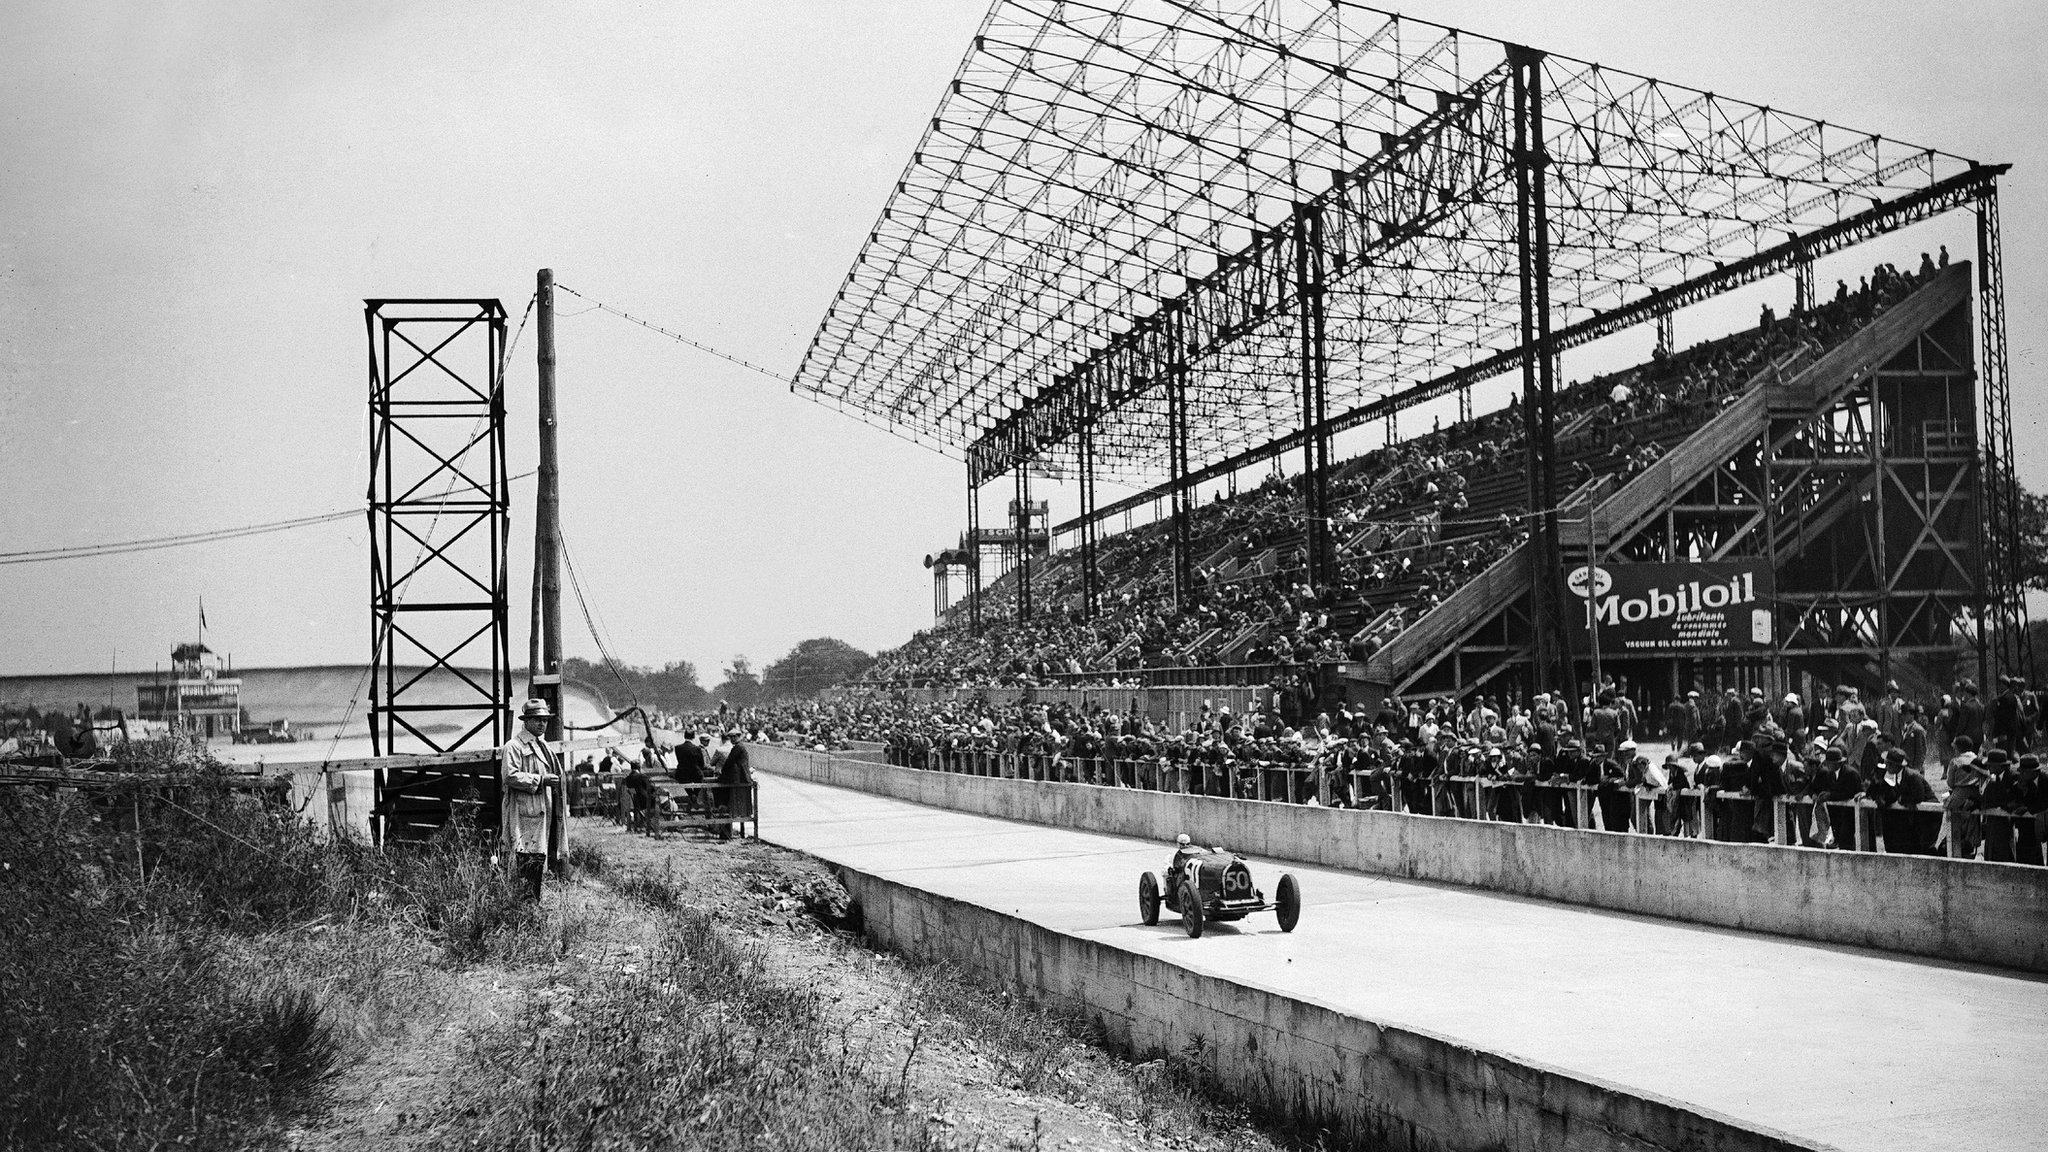 Circuito de Montlhery en 1931